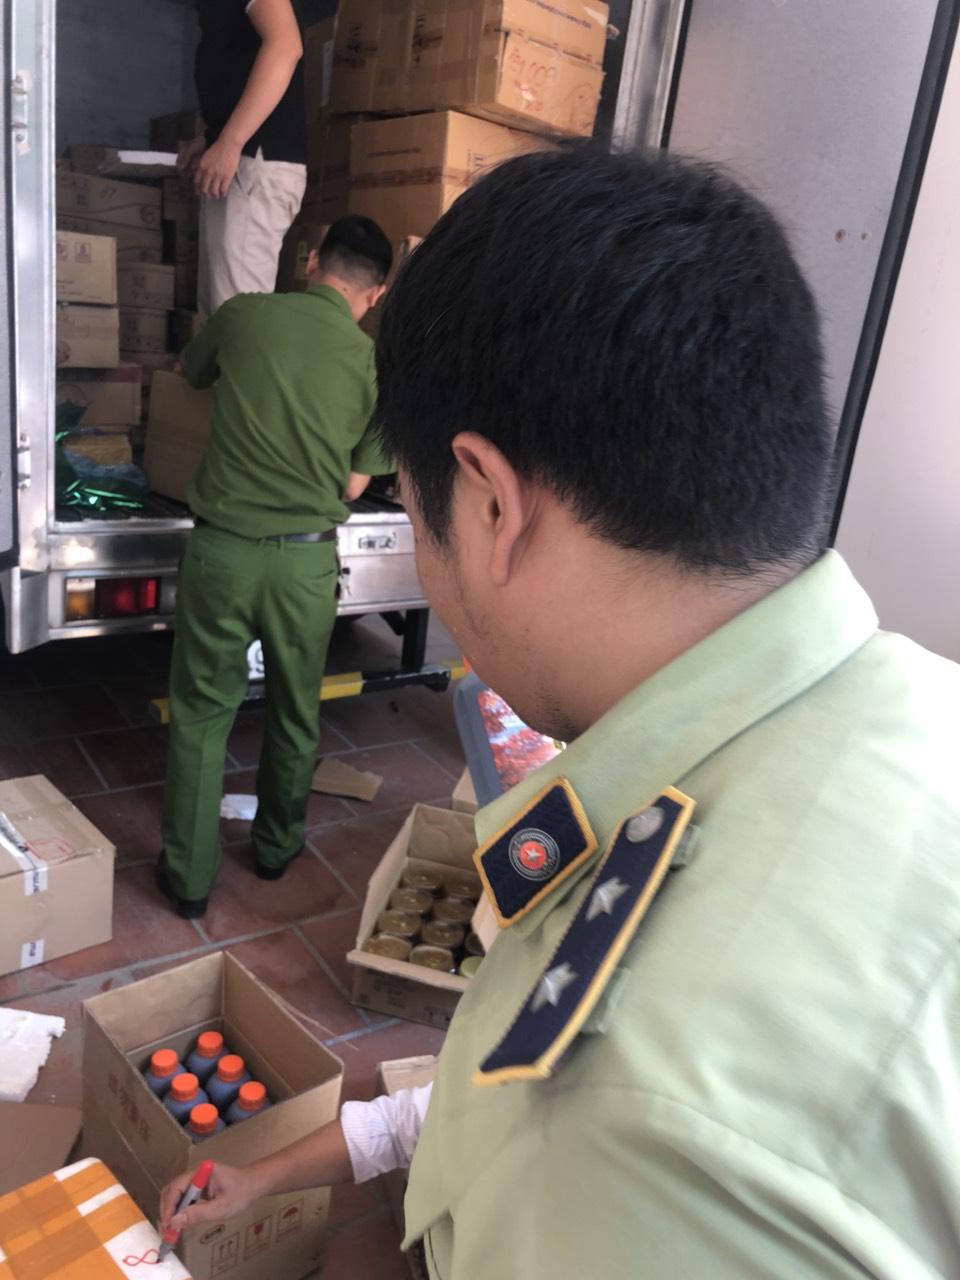 Hà Nội: Tạm giữ 126 thùng catton, 10 thùng xốp chứa nguyên liệu pha chế trà sữa không có hóa đơn chứng từ chứng minh nguồn gốc.